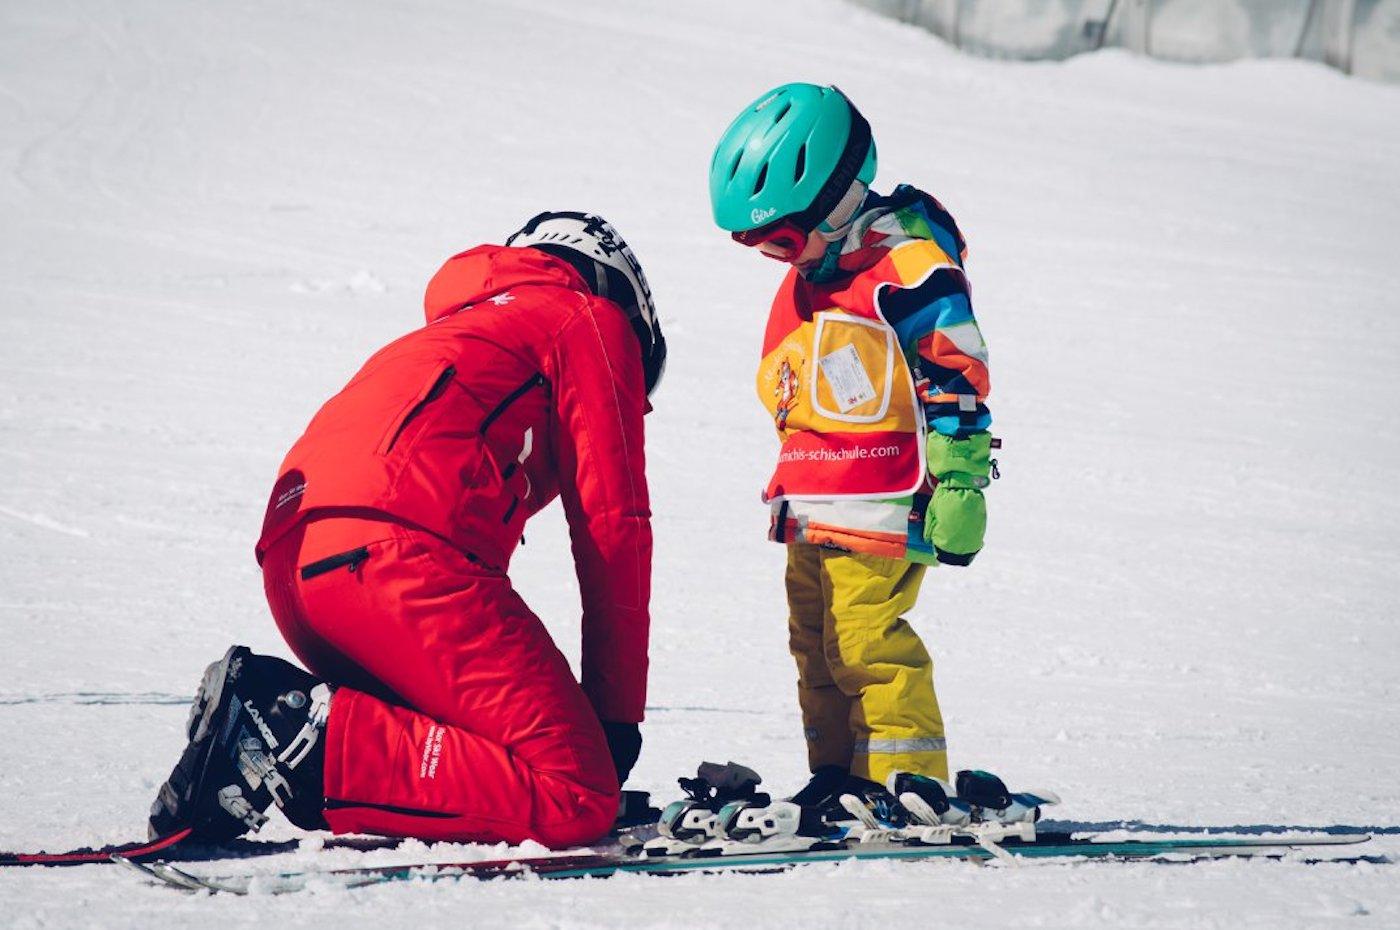 Binnenkort in NL: sollicitatiedag voor skileraren in Gerlos